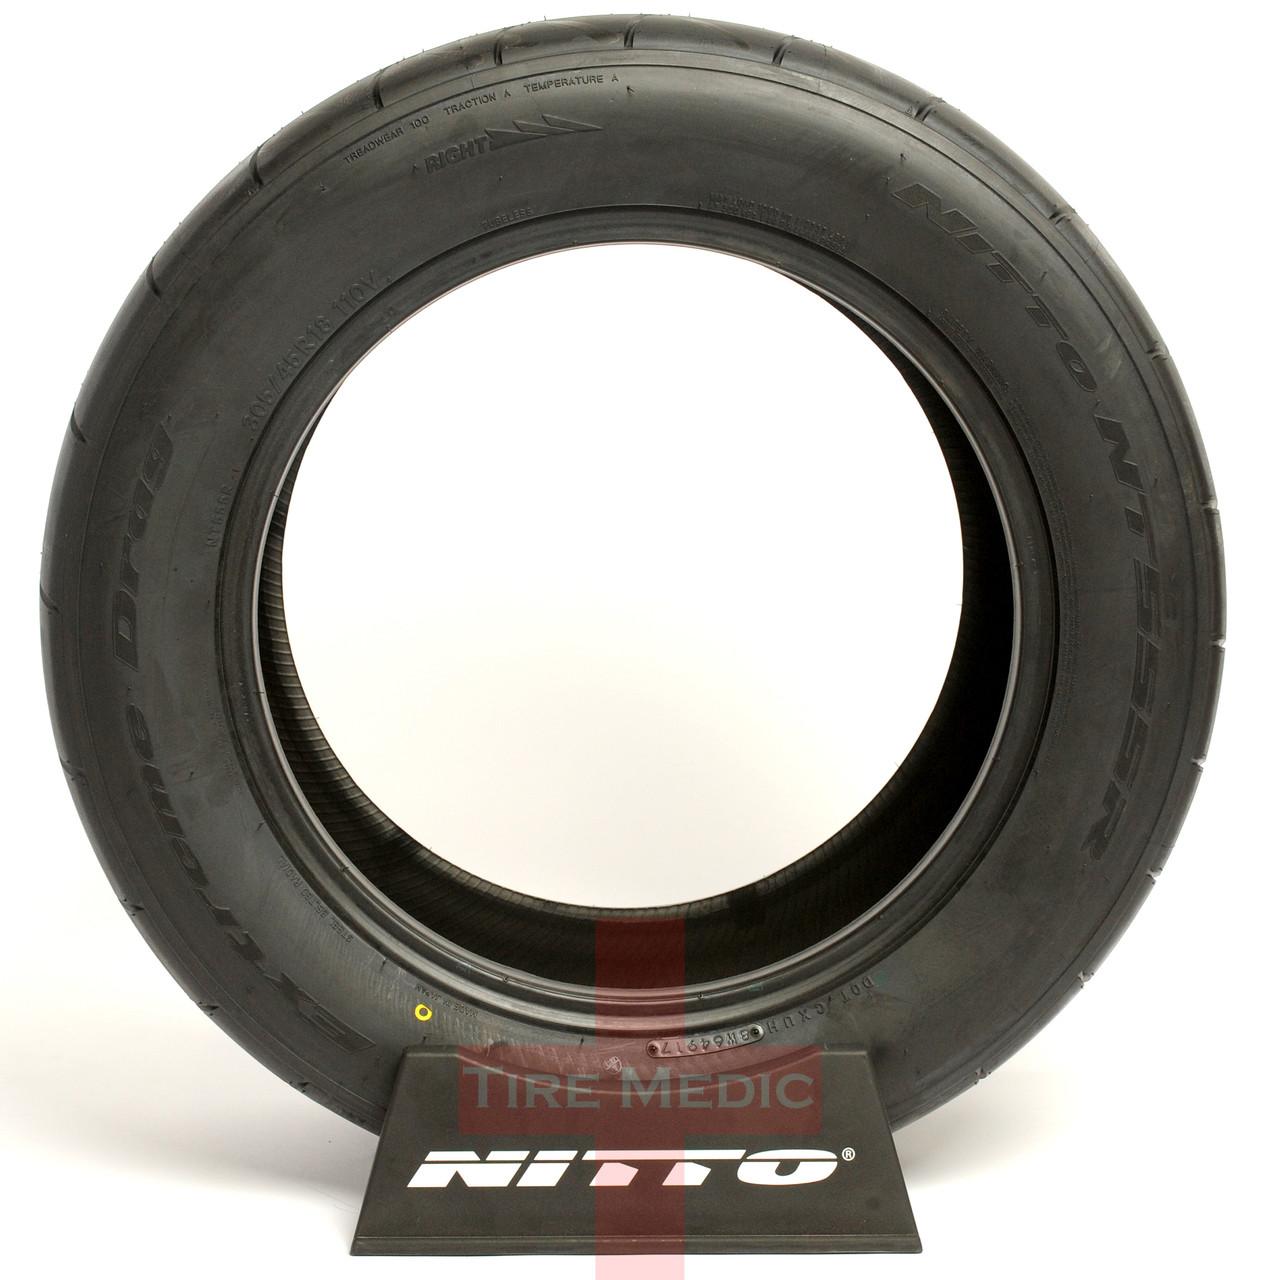 Nitto NT555R Drag